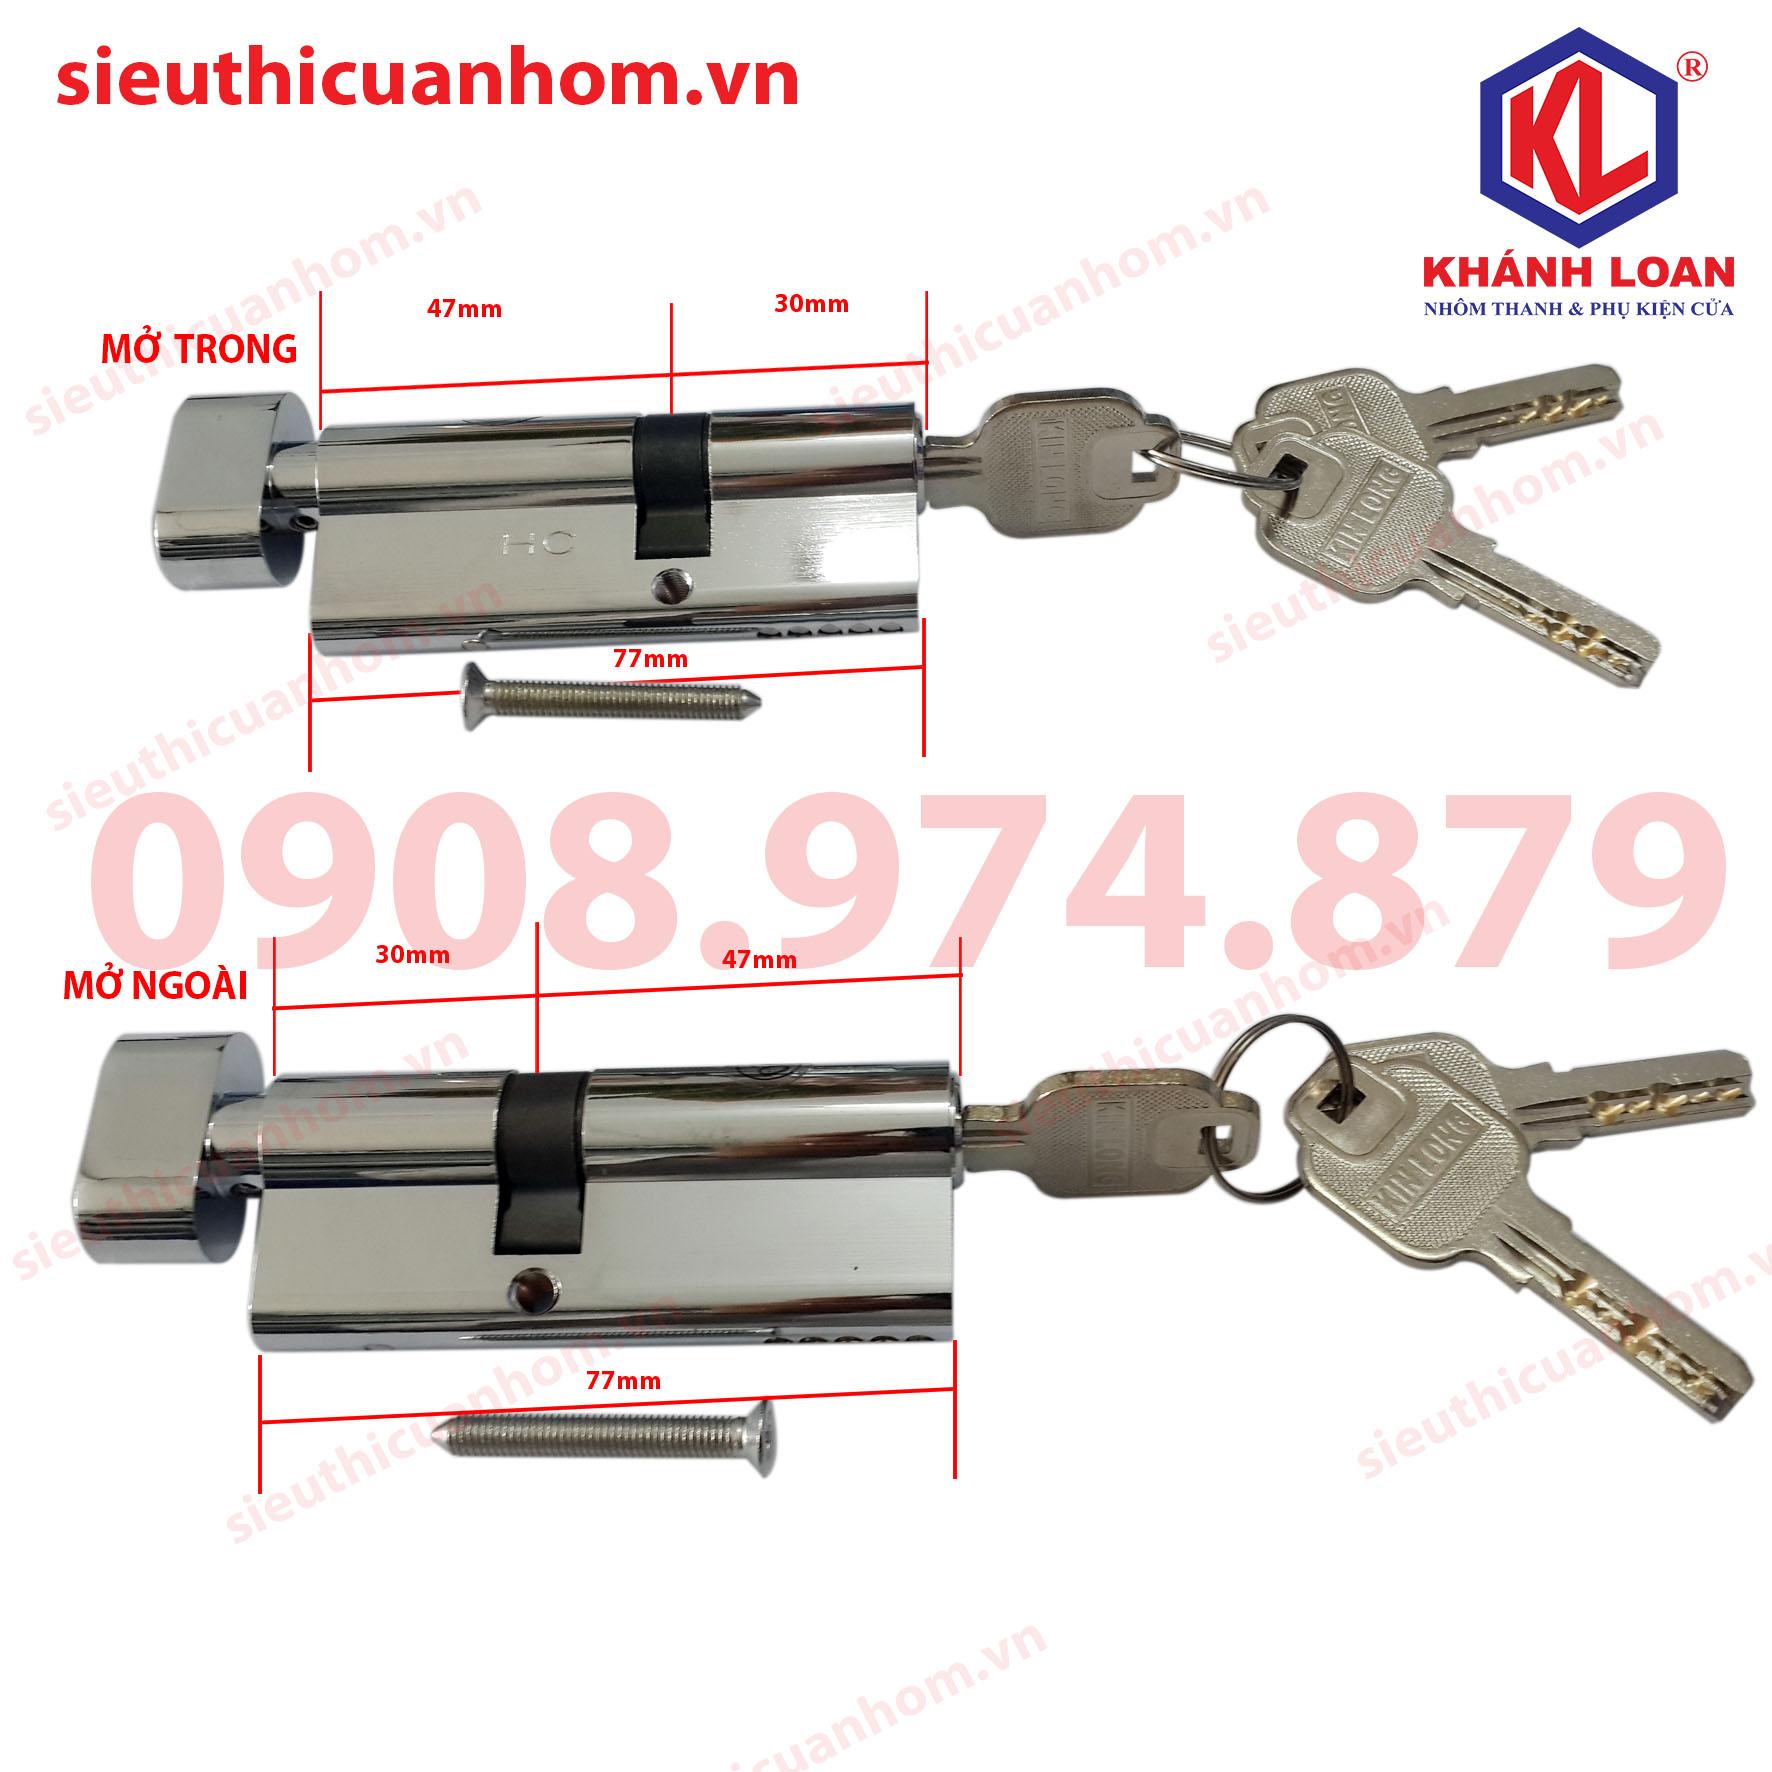 Lõi khóa 1 đầu chìa mở trong và mở ngoài nhôm Xingfa 55 - KIL3247T và KIL4732T